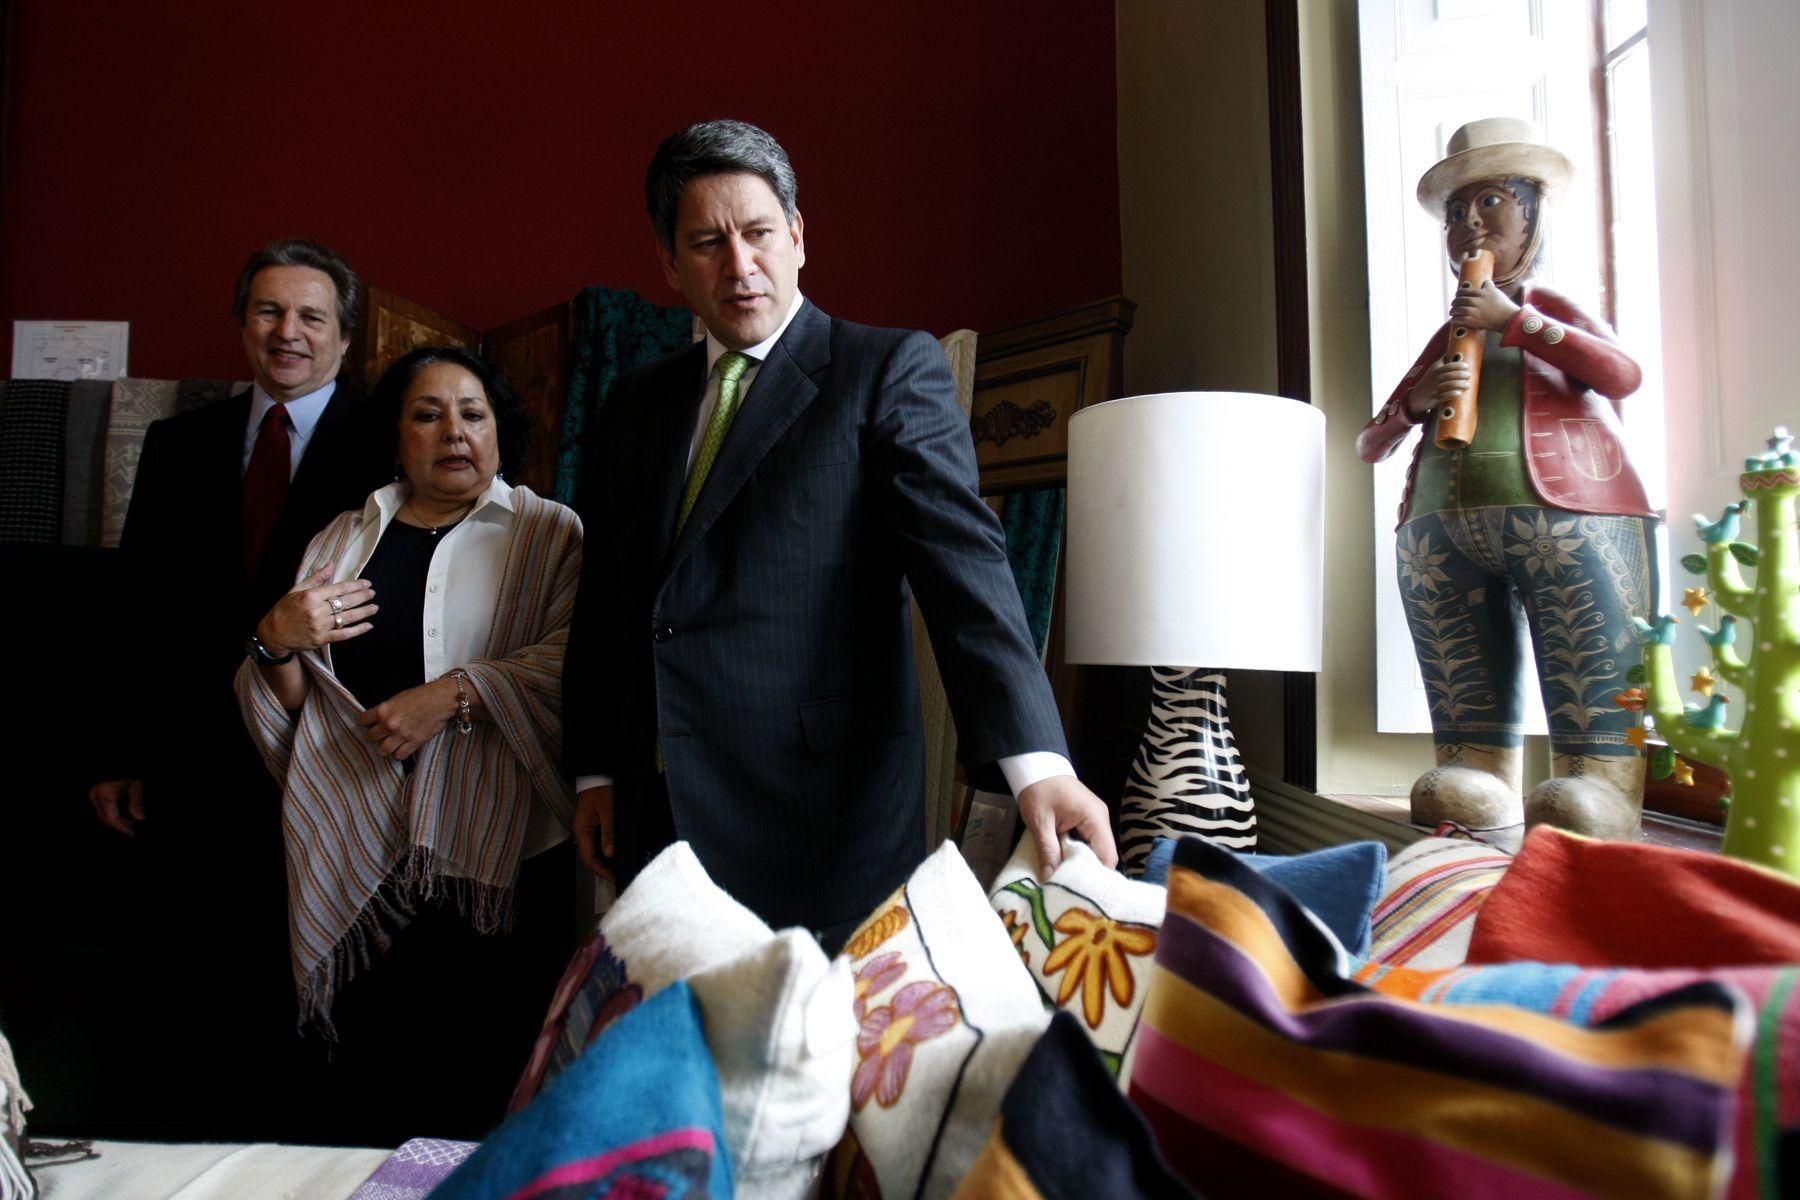 Ministro de Comercio Exterior y Turismo, Martín Pérez, en la Casa Berrocal, lugar donde se exhiben trabajos artesanales para la exportación. Foto: ANDINA/Juan Carlos Guzmán Negrini.